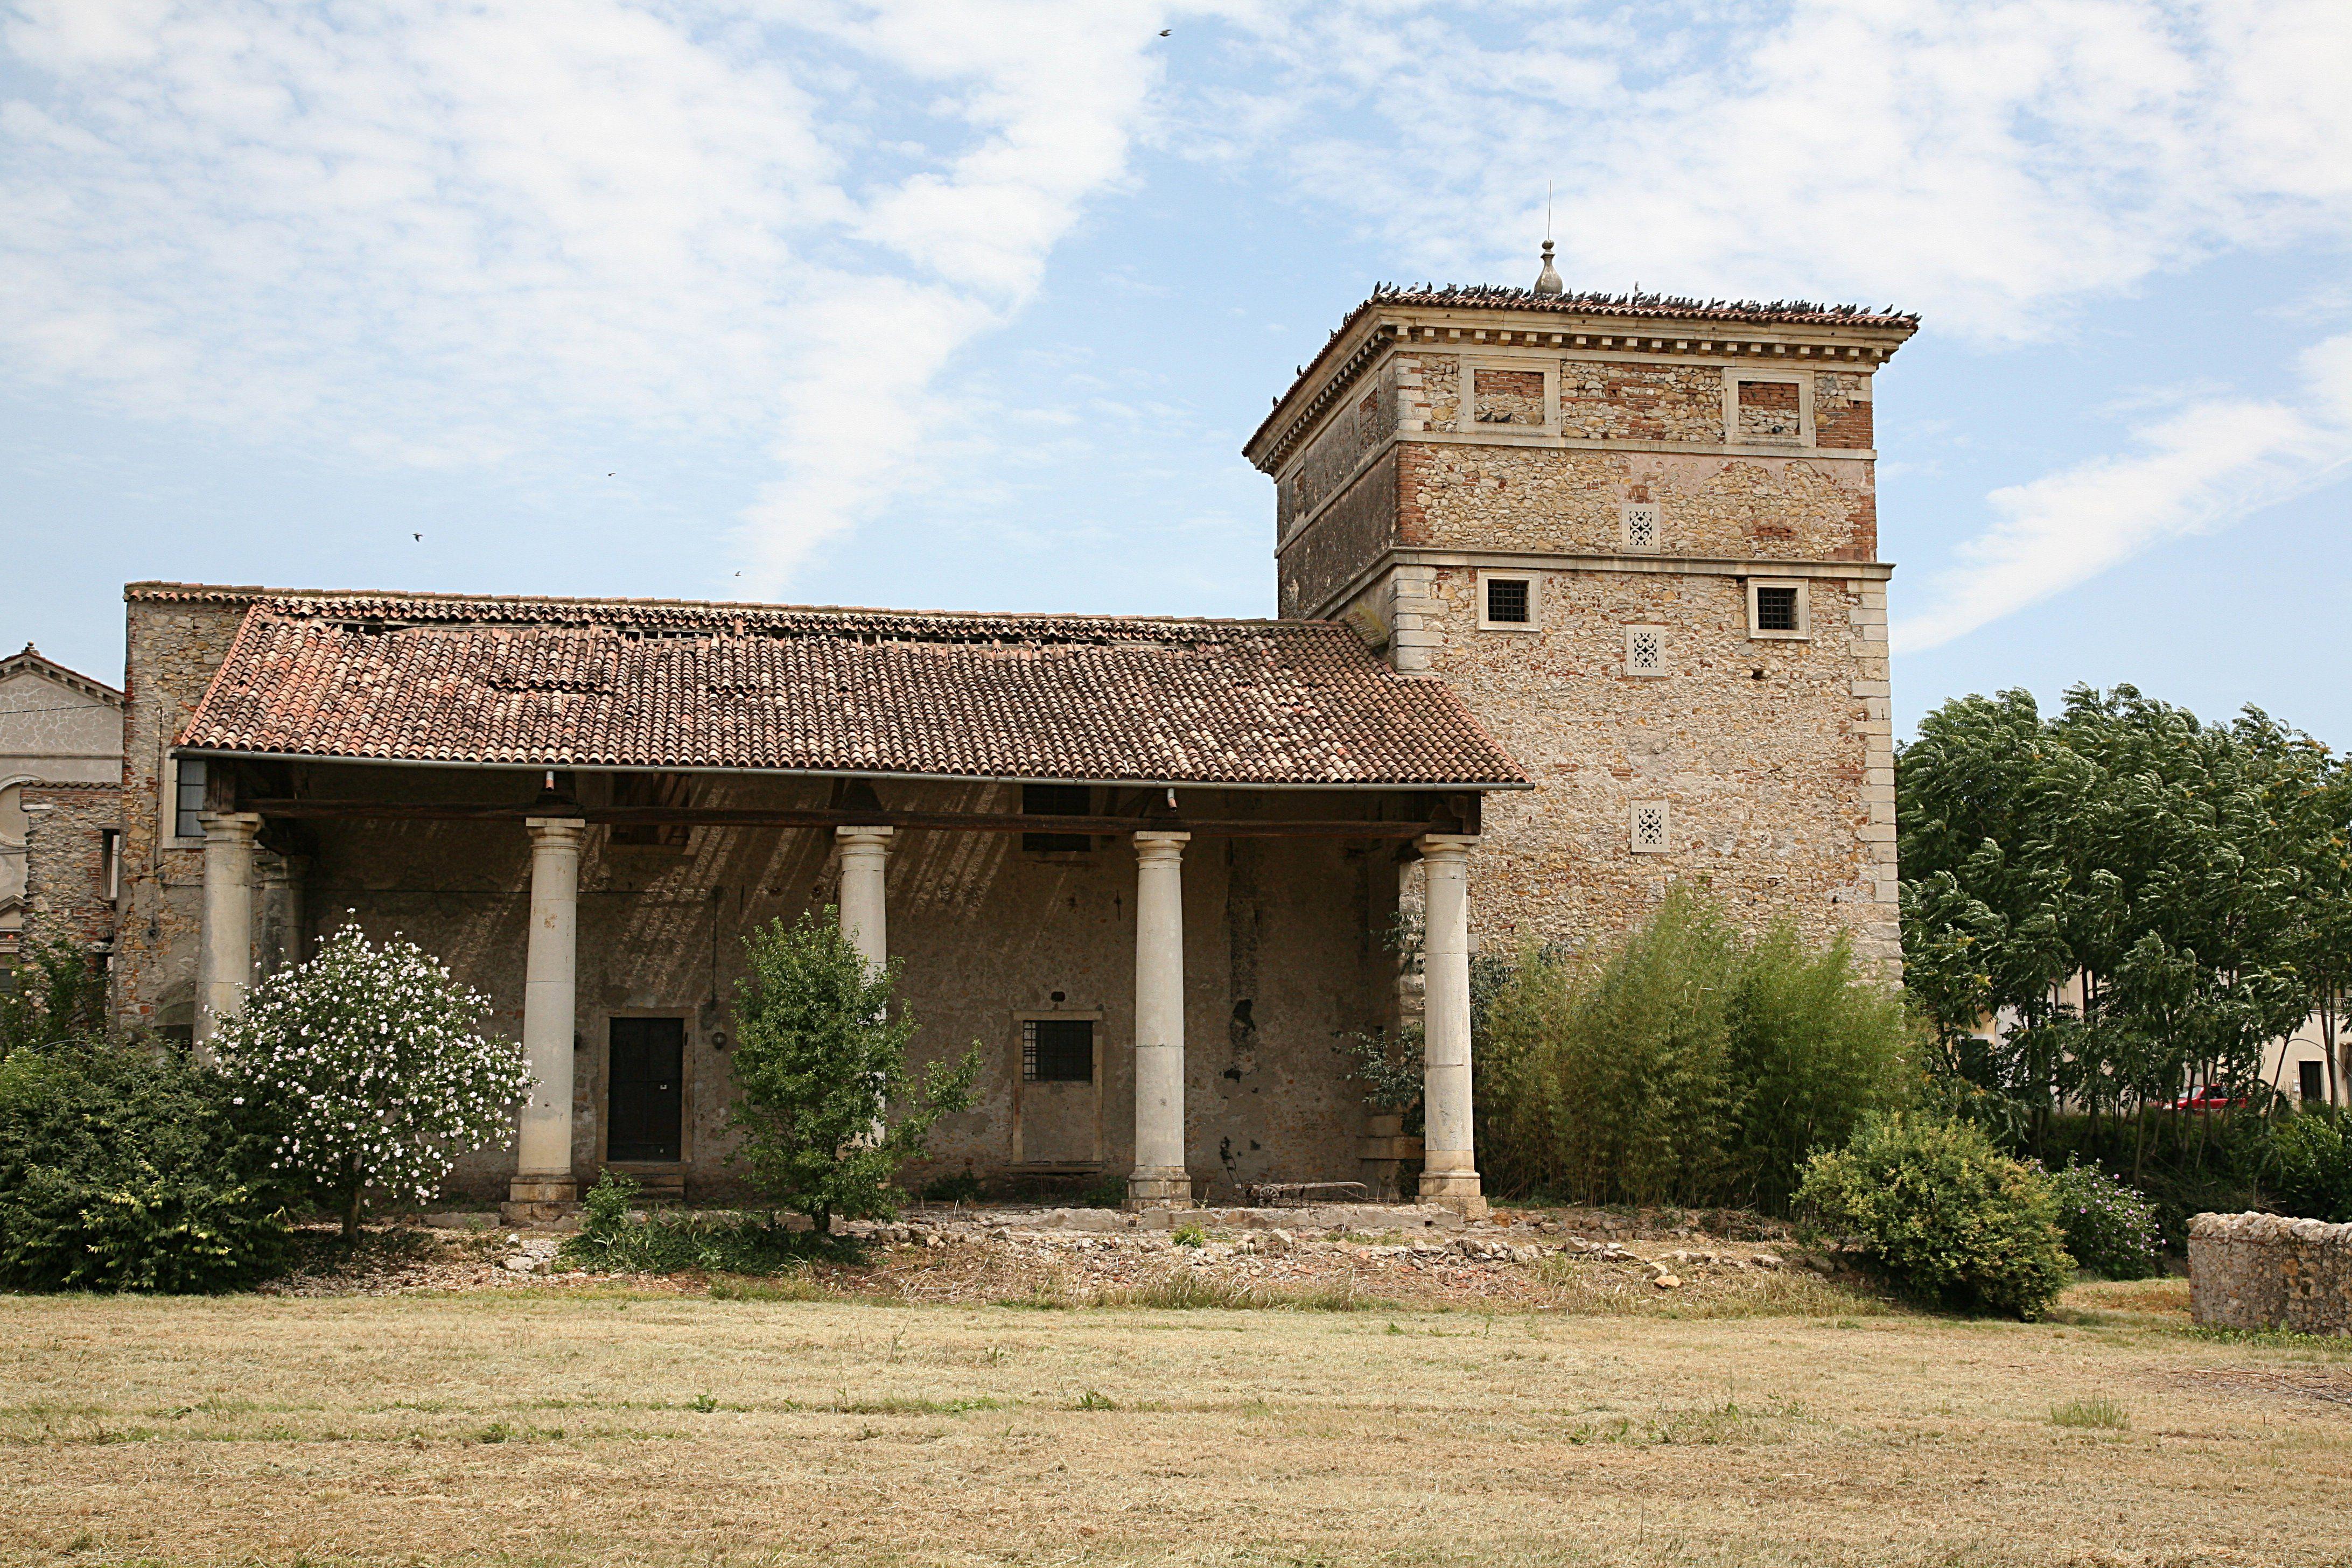 Villa Trissino is an aristocratic villa